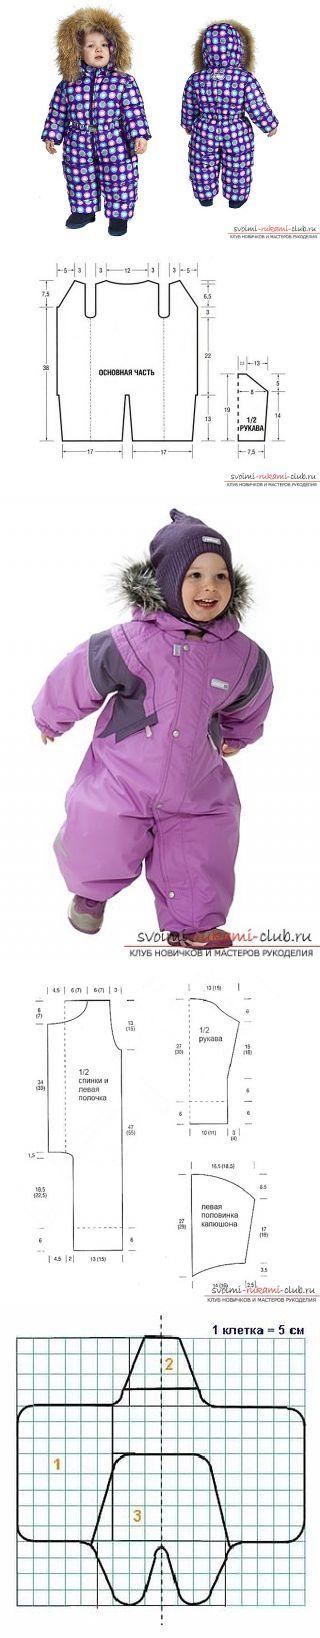 Моделирование детской одежды...<3 Deniz <3